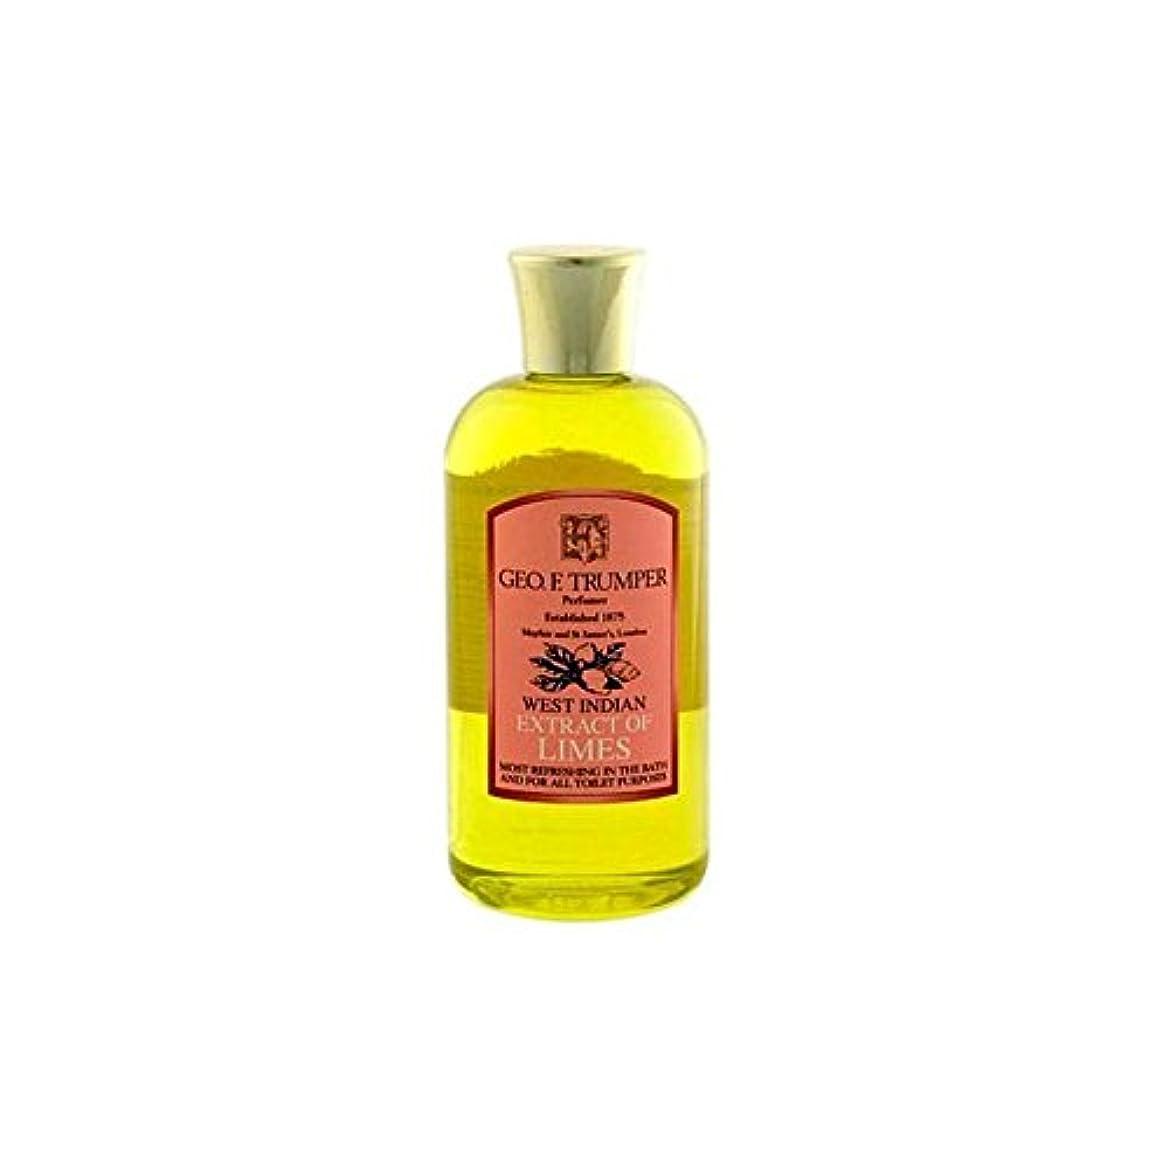 ライムのバスタブとシャワージェル200の抽出物を x4 - Trumpers Extracts of Limes Bath and Shower Gel 200ml (Pack of 4) [並行輸入品]